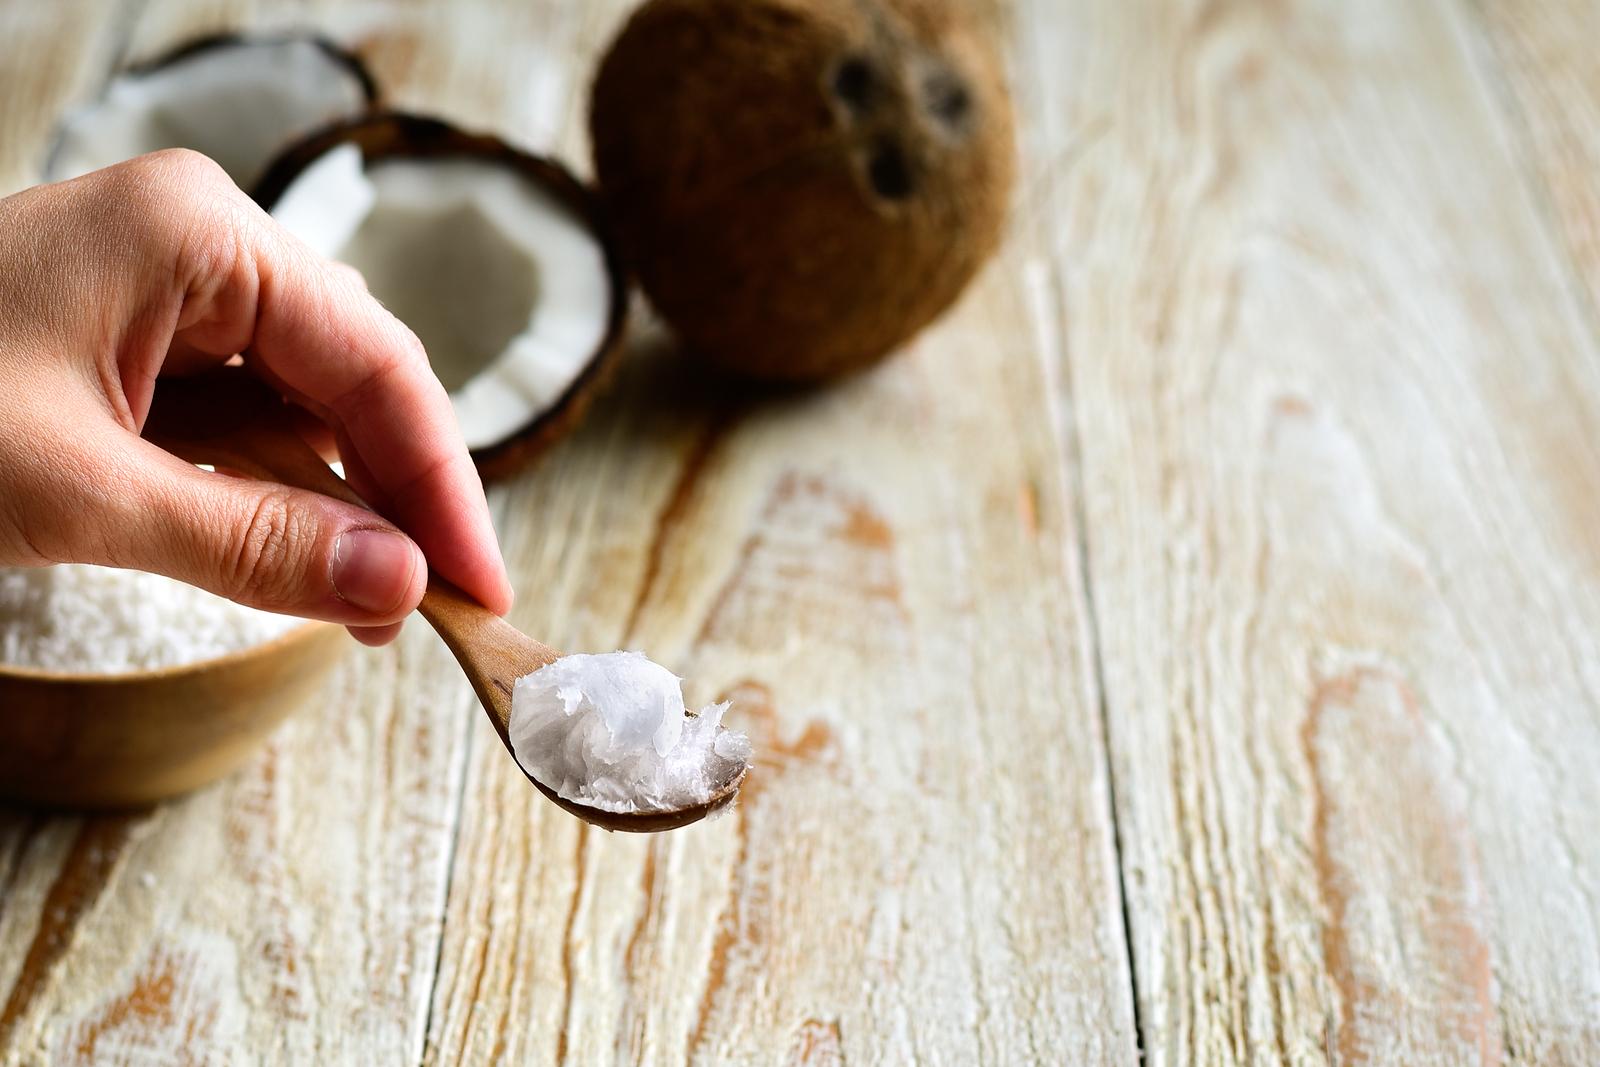 Coconut Oil and Harvard Nonsense